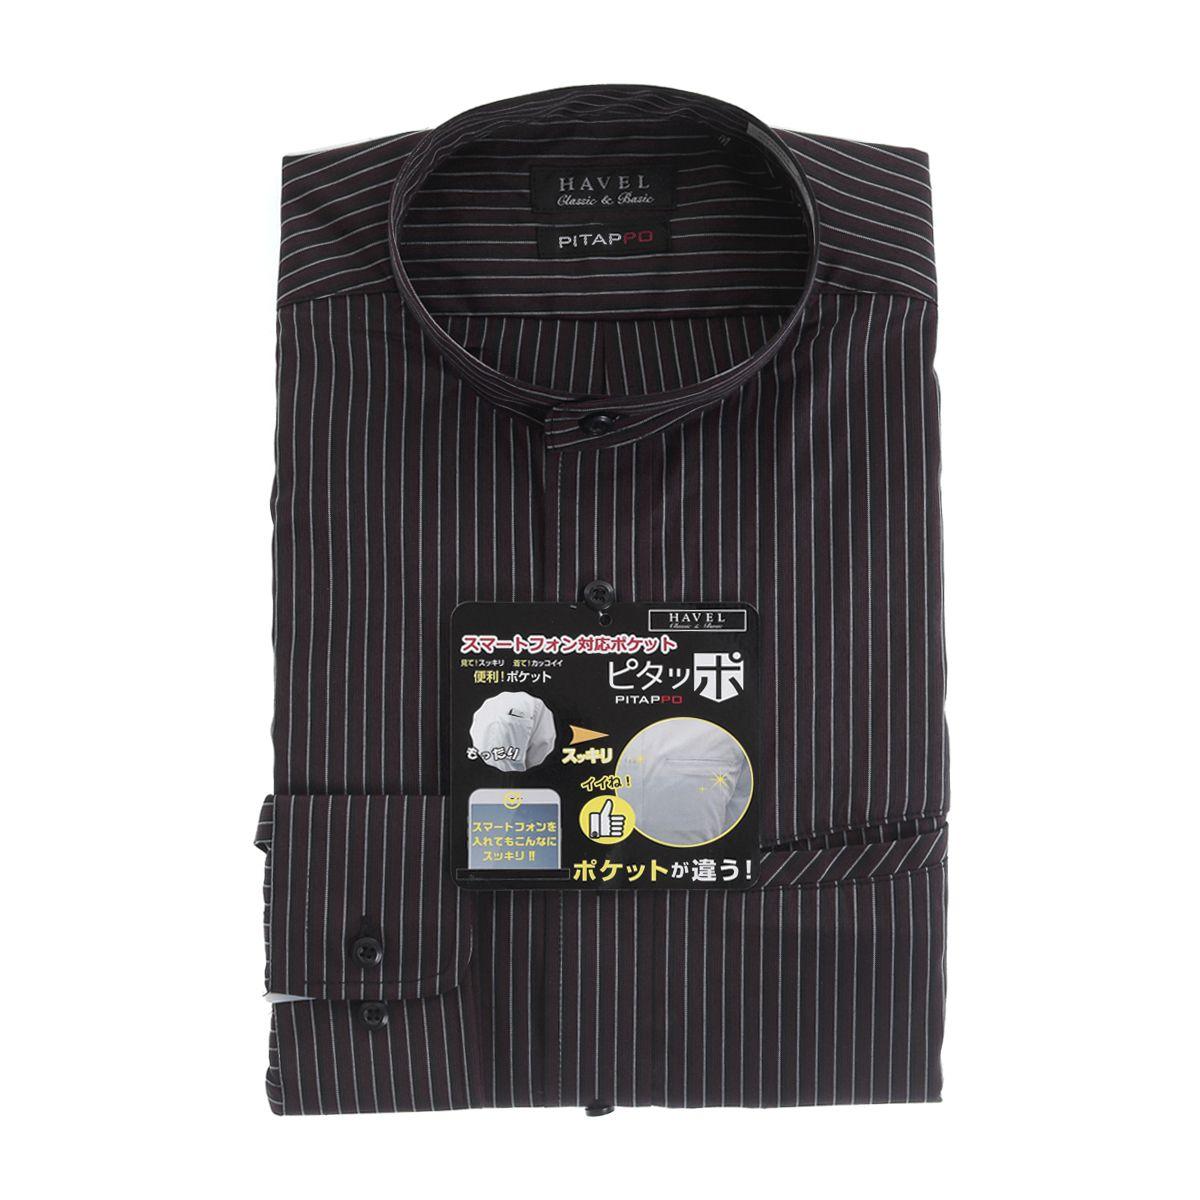 ピタッポ・形態安定 スタンドカラー ワイシャツ 長袖 【HAVEL Classic & Basic】